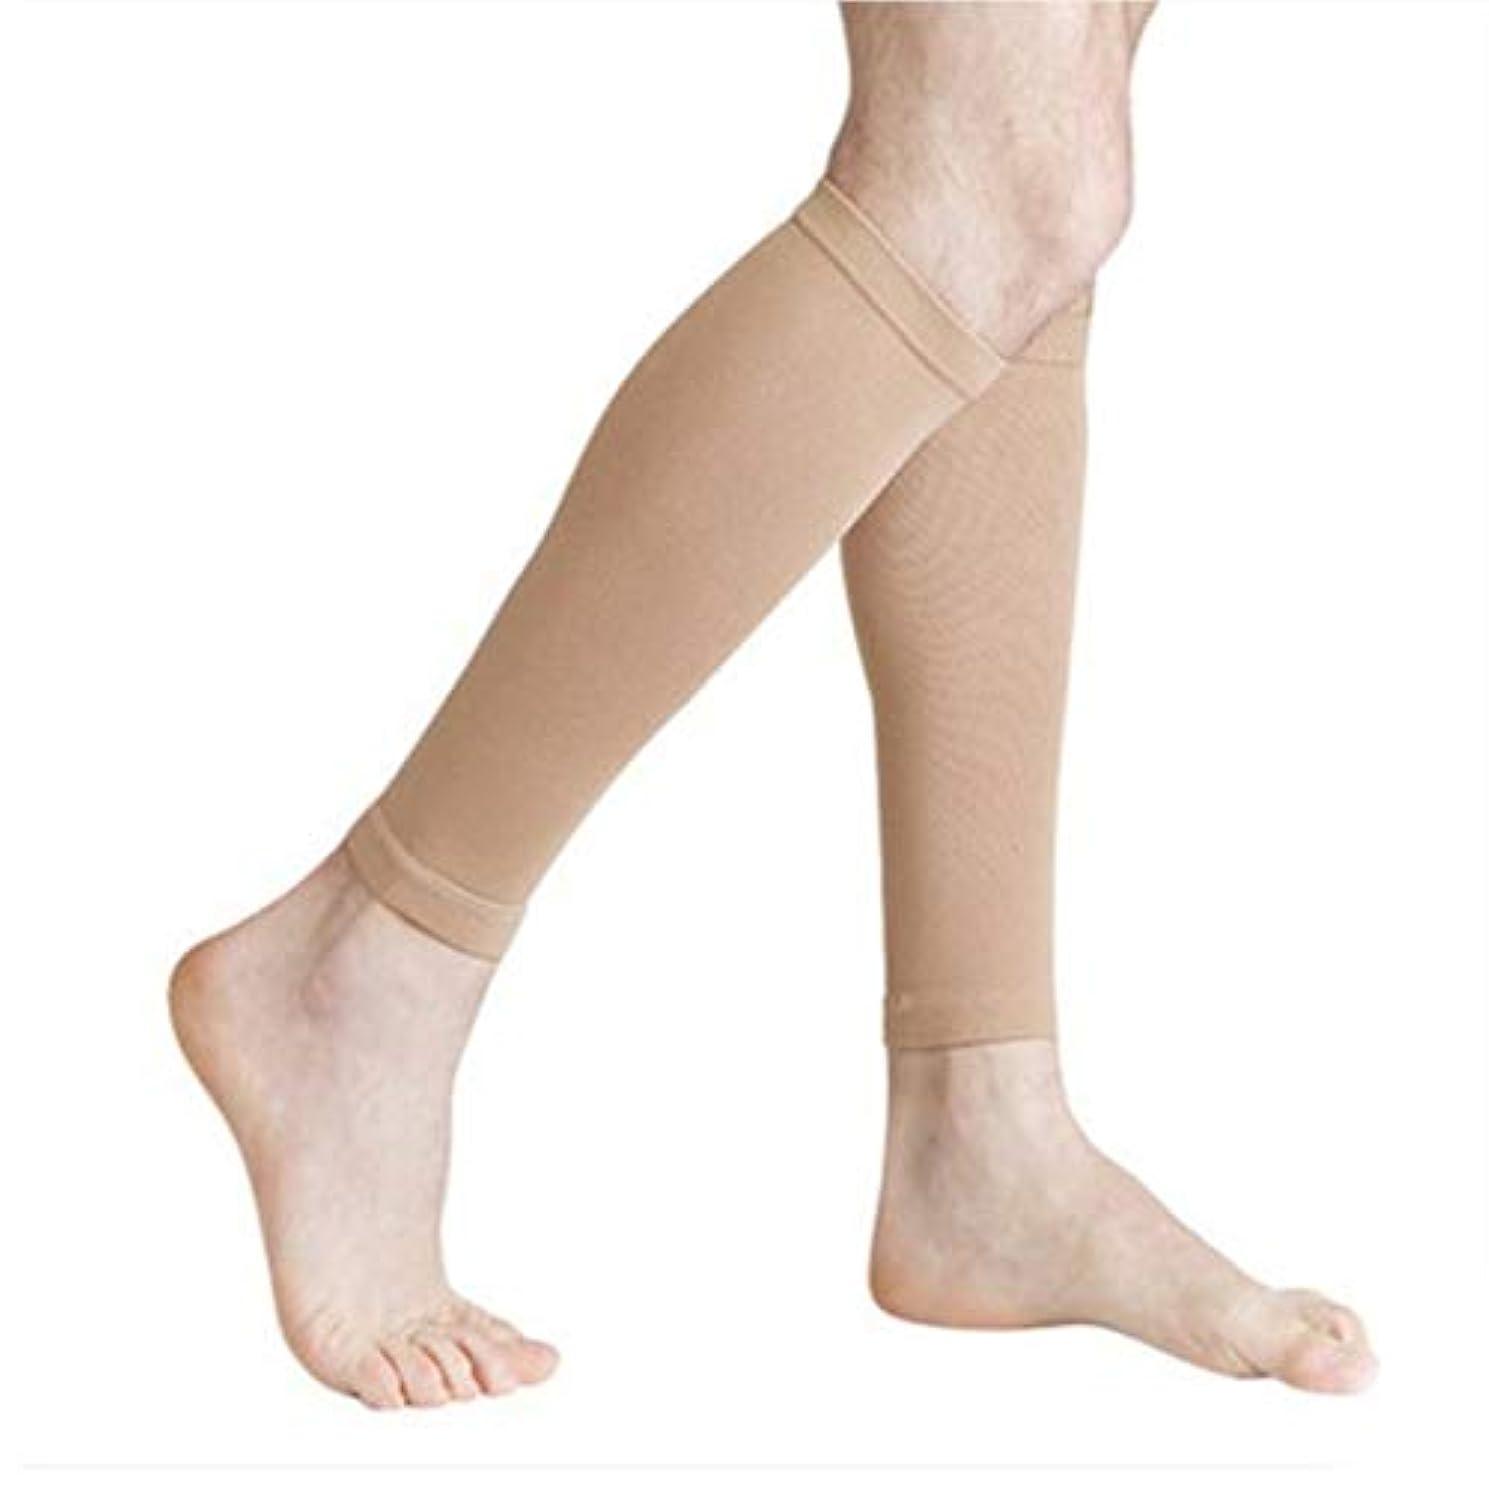 底カーペットビリーヤギふくらはぎコンプレッションスリーブ脚コンプレッションソックスシンスプリントふくらはぎの痛みを軽減メンズランニング用サイクリング女性用スリーブ-スキン